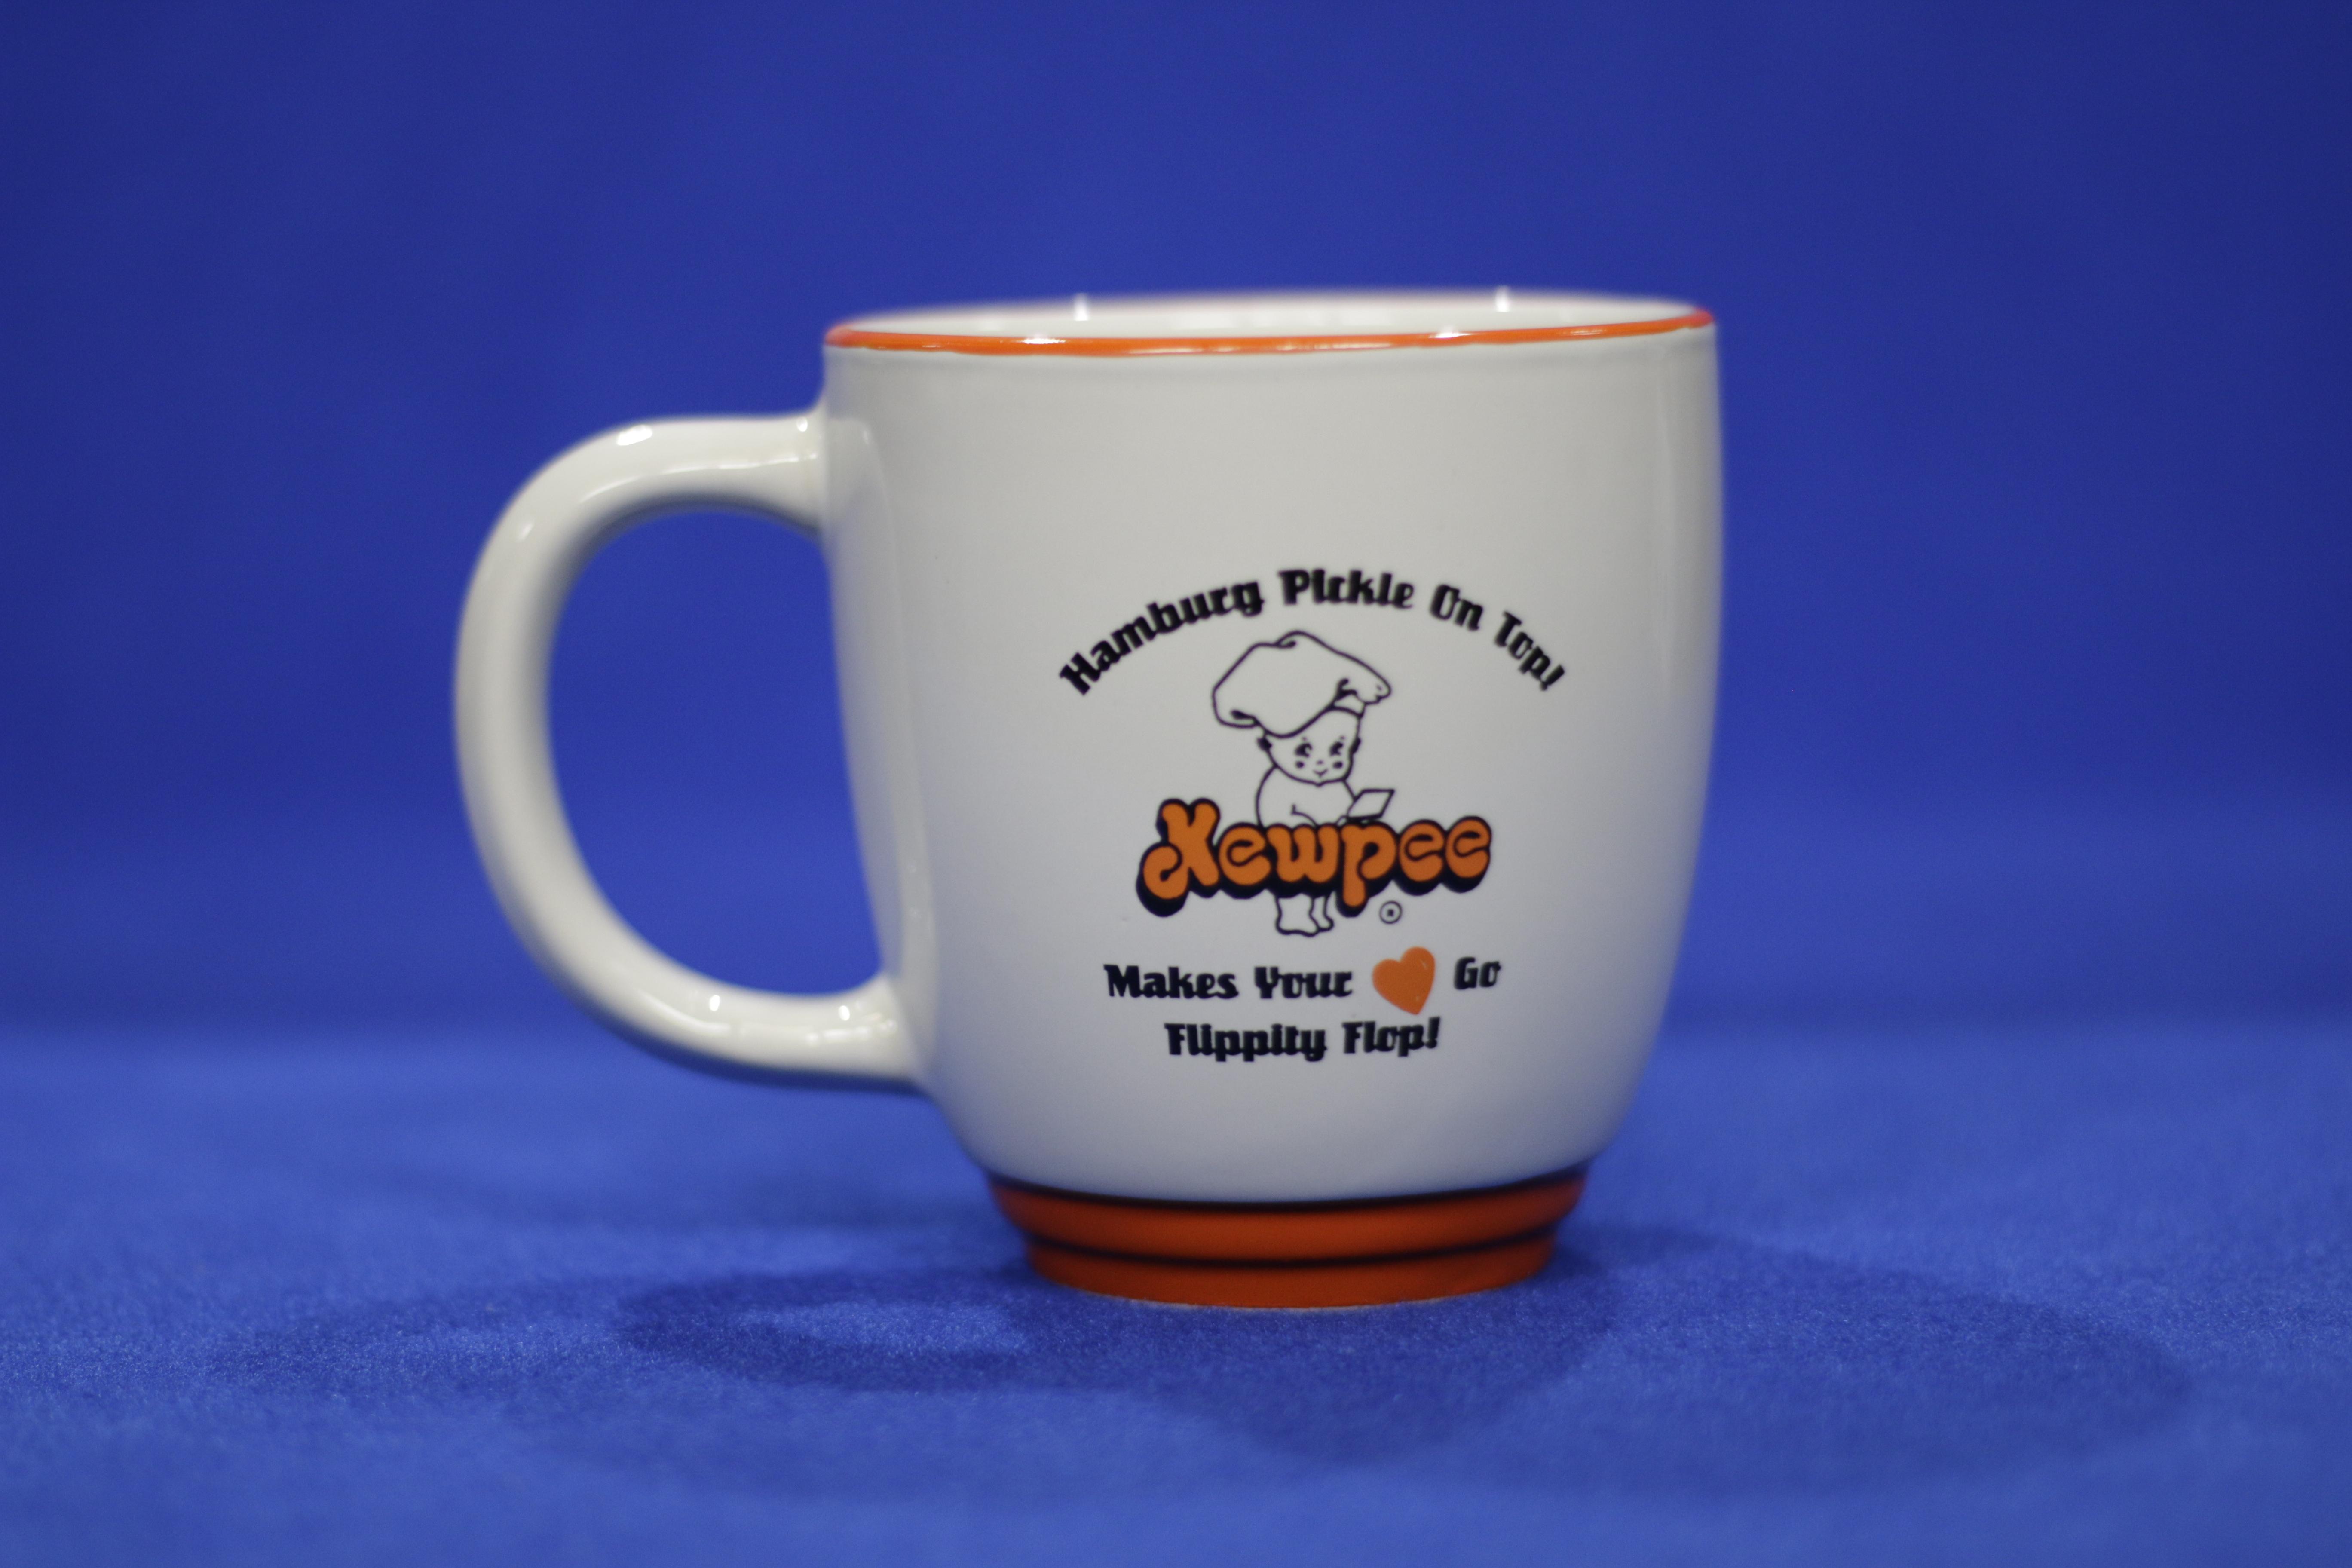 Kewpee Coffee Mugs